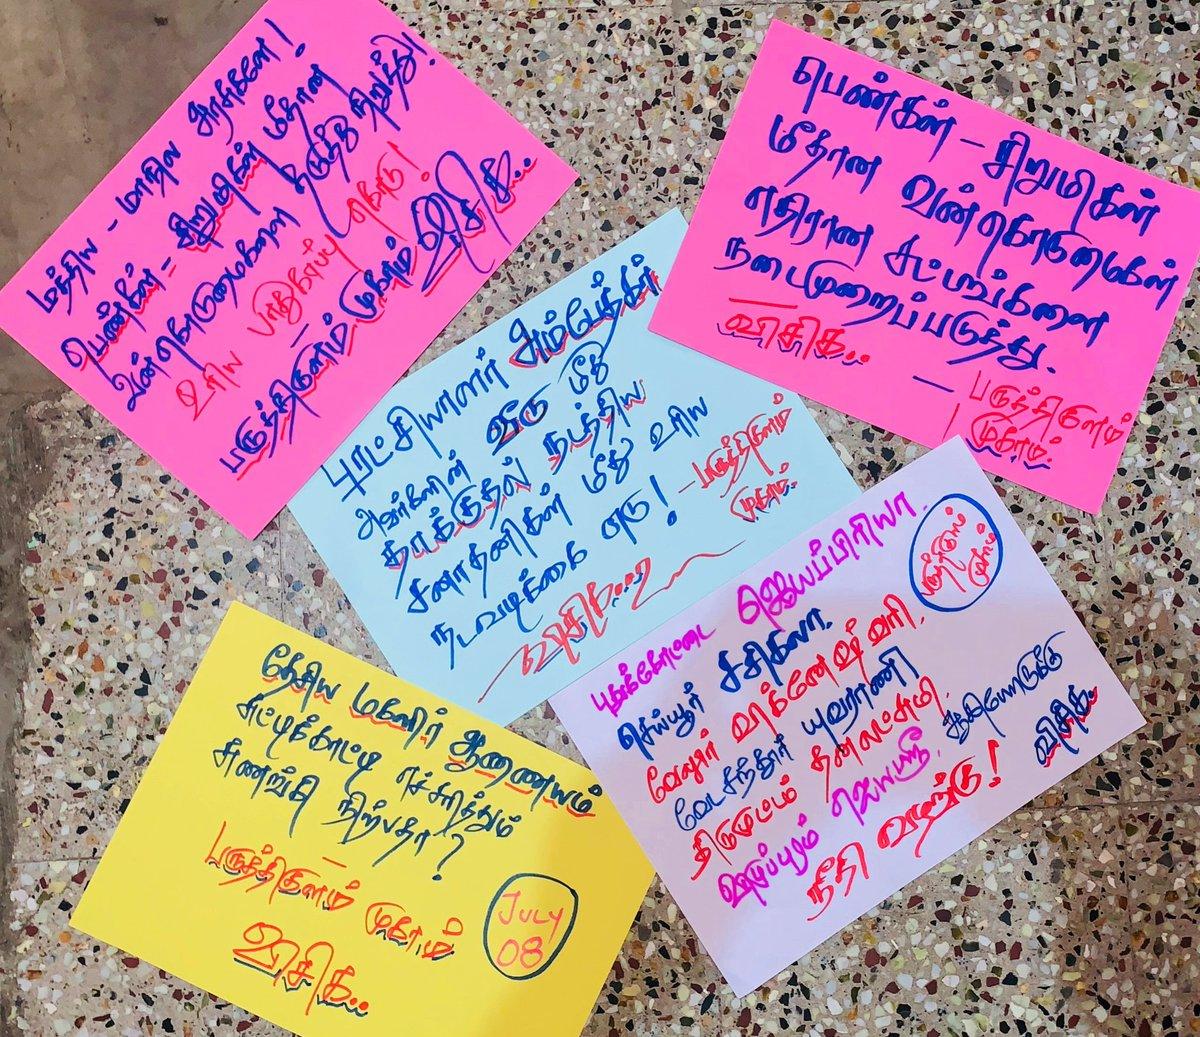 #தலைவர் எழுச்சித்தமிழர் @thirumaofficial அவர்களின் வழிகாட்டுதல்படி,  பெண்கள்- சிறுமிகளுக்கு எதிரான பாலியல் வன்முறைகள்- படுகொலைகளைக் கண்டிதும் அரசு நடவடிக்கை எடுக்க வேண்டுமென வலியுறுத்தியும்   புரட்சியாளர் அம்பேத்கர் அவர்களின் வீட்டை சேதப்படுத்திய சனாதனிகள் மீது நடவடிக்கை எடு https://t.co/dcV1KLiwEb